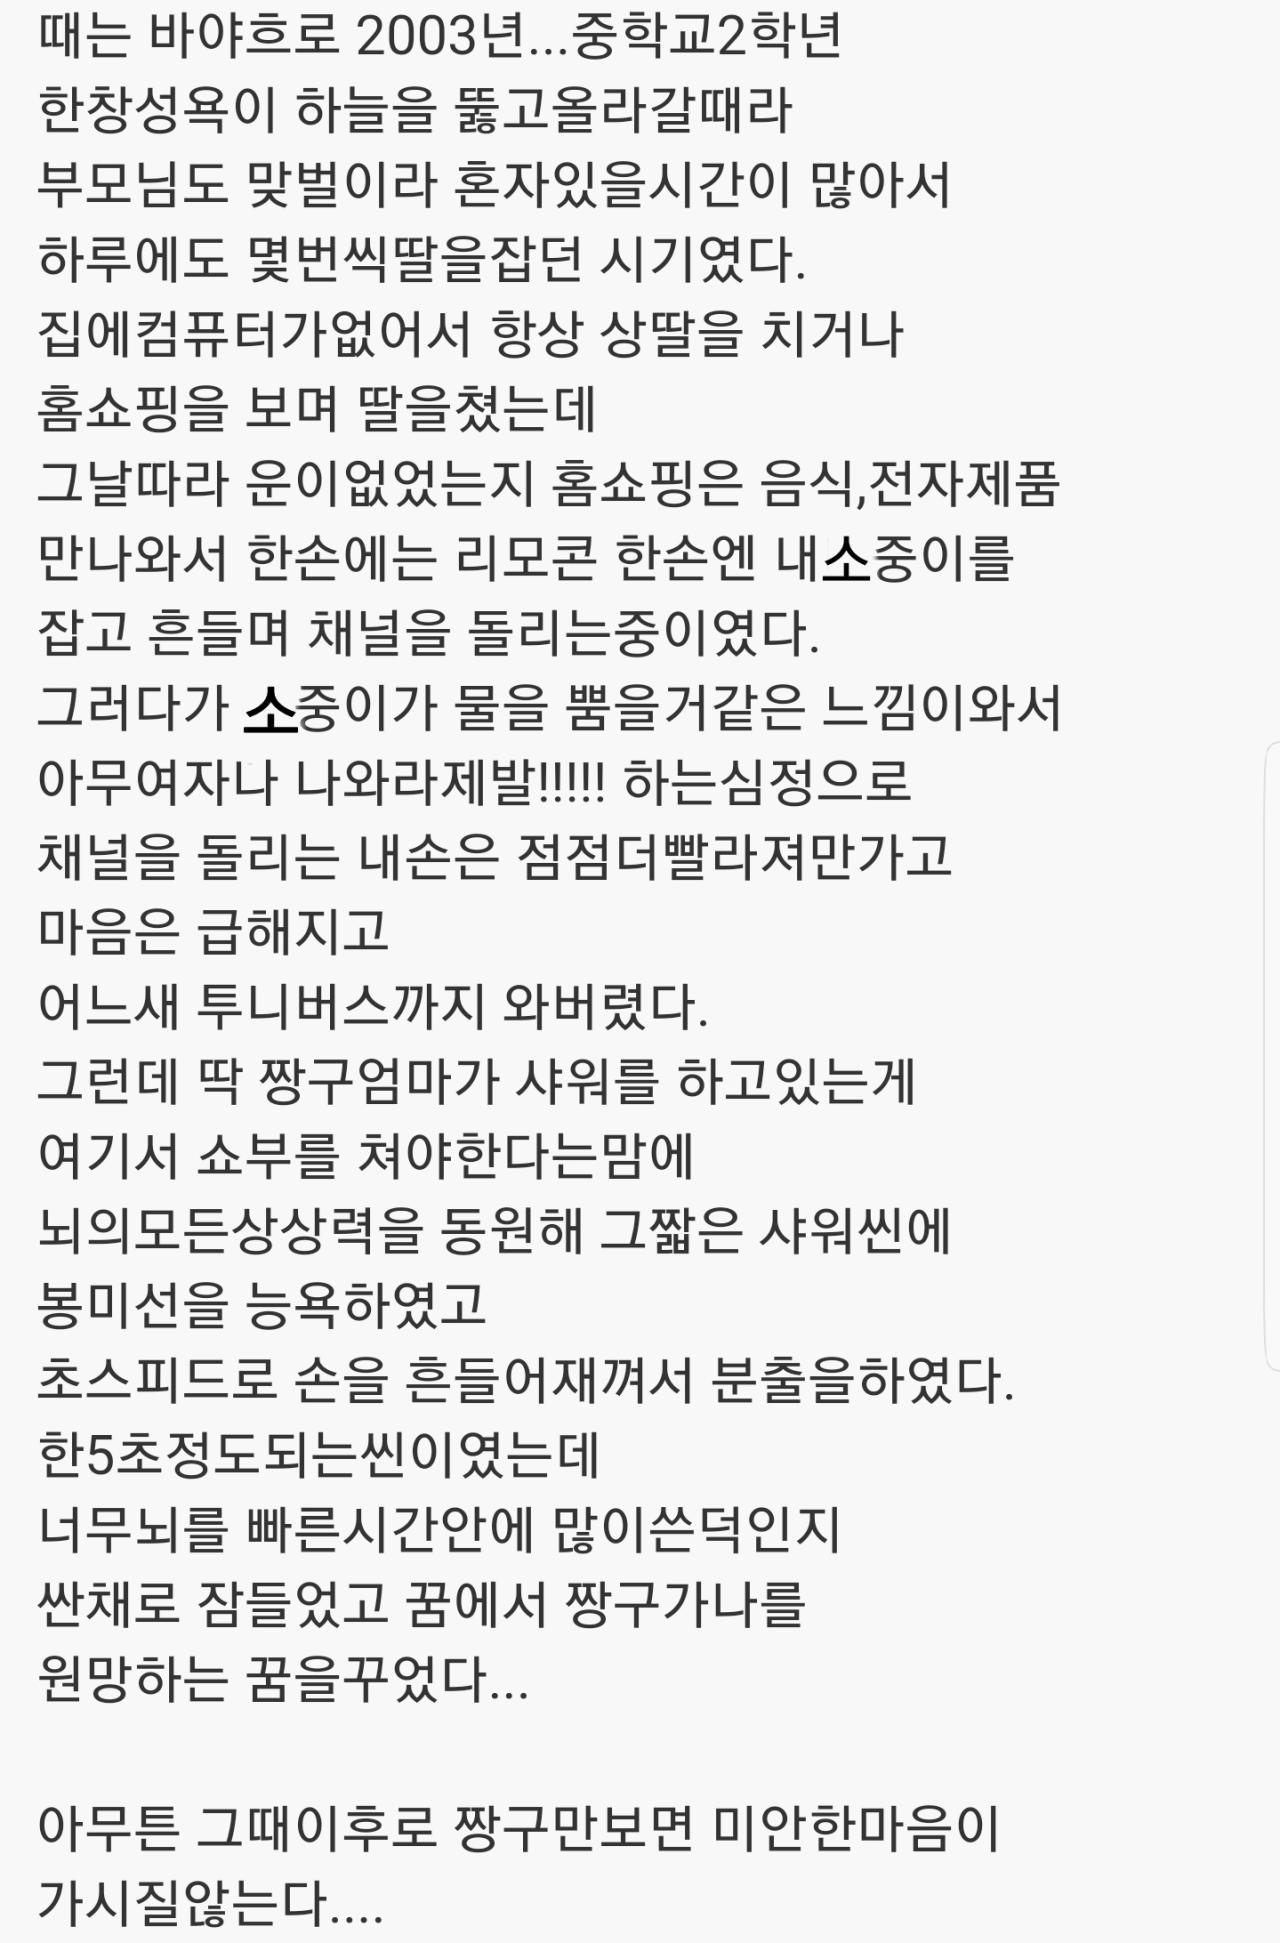 PicsArt_02-18-11.02.17.png 봉미선 딸